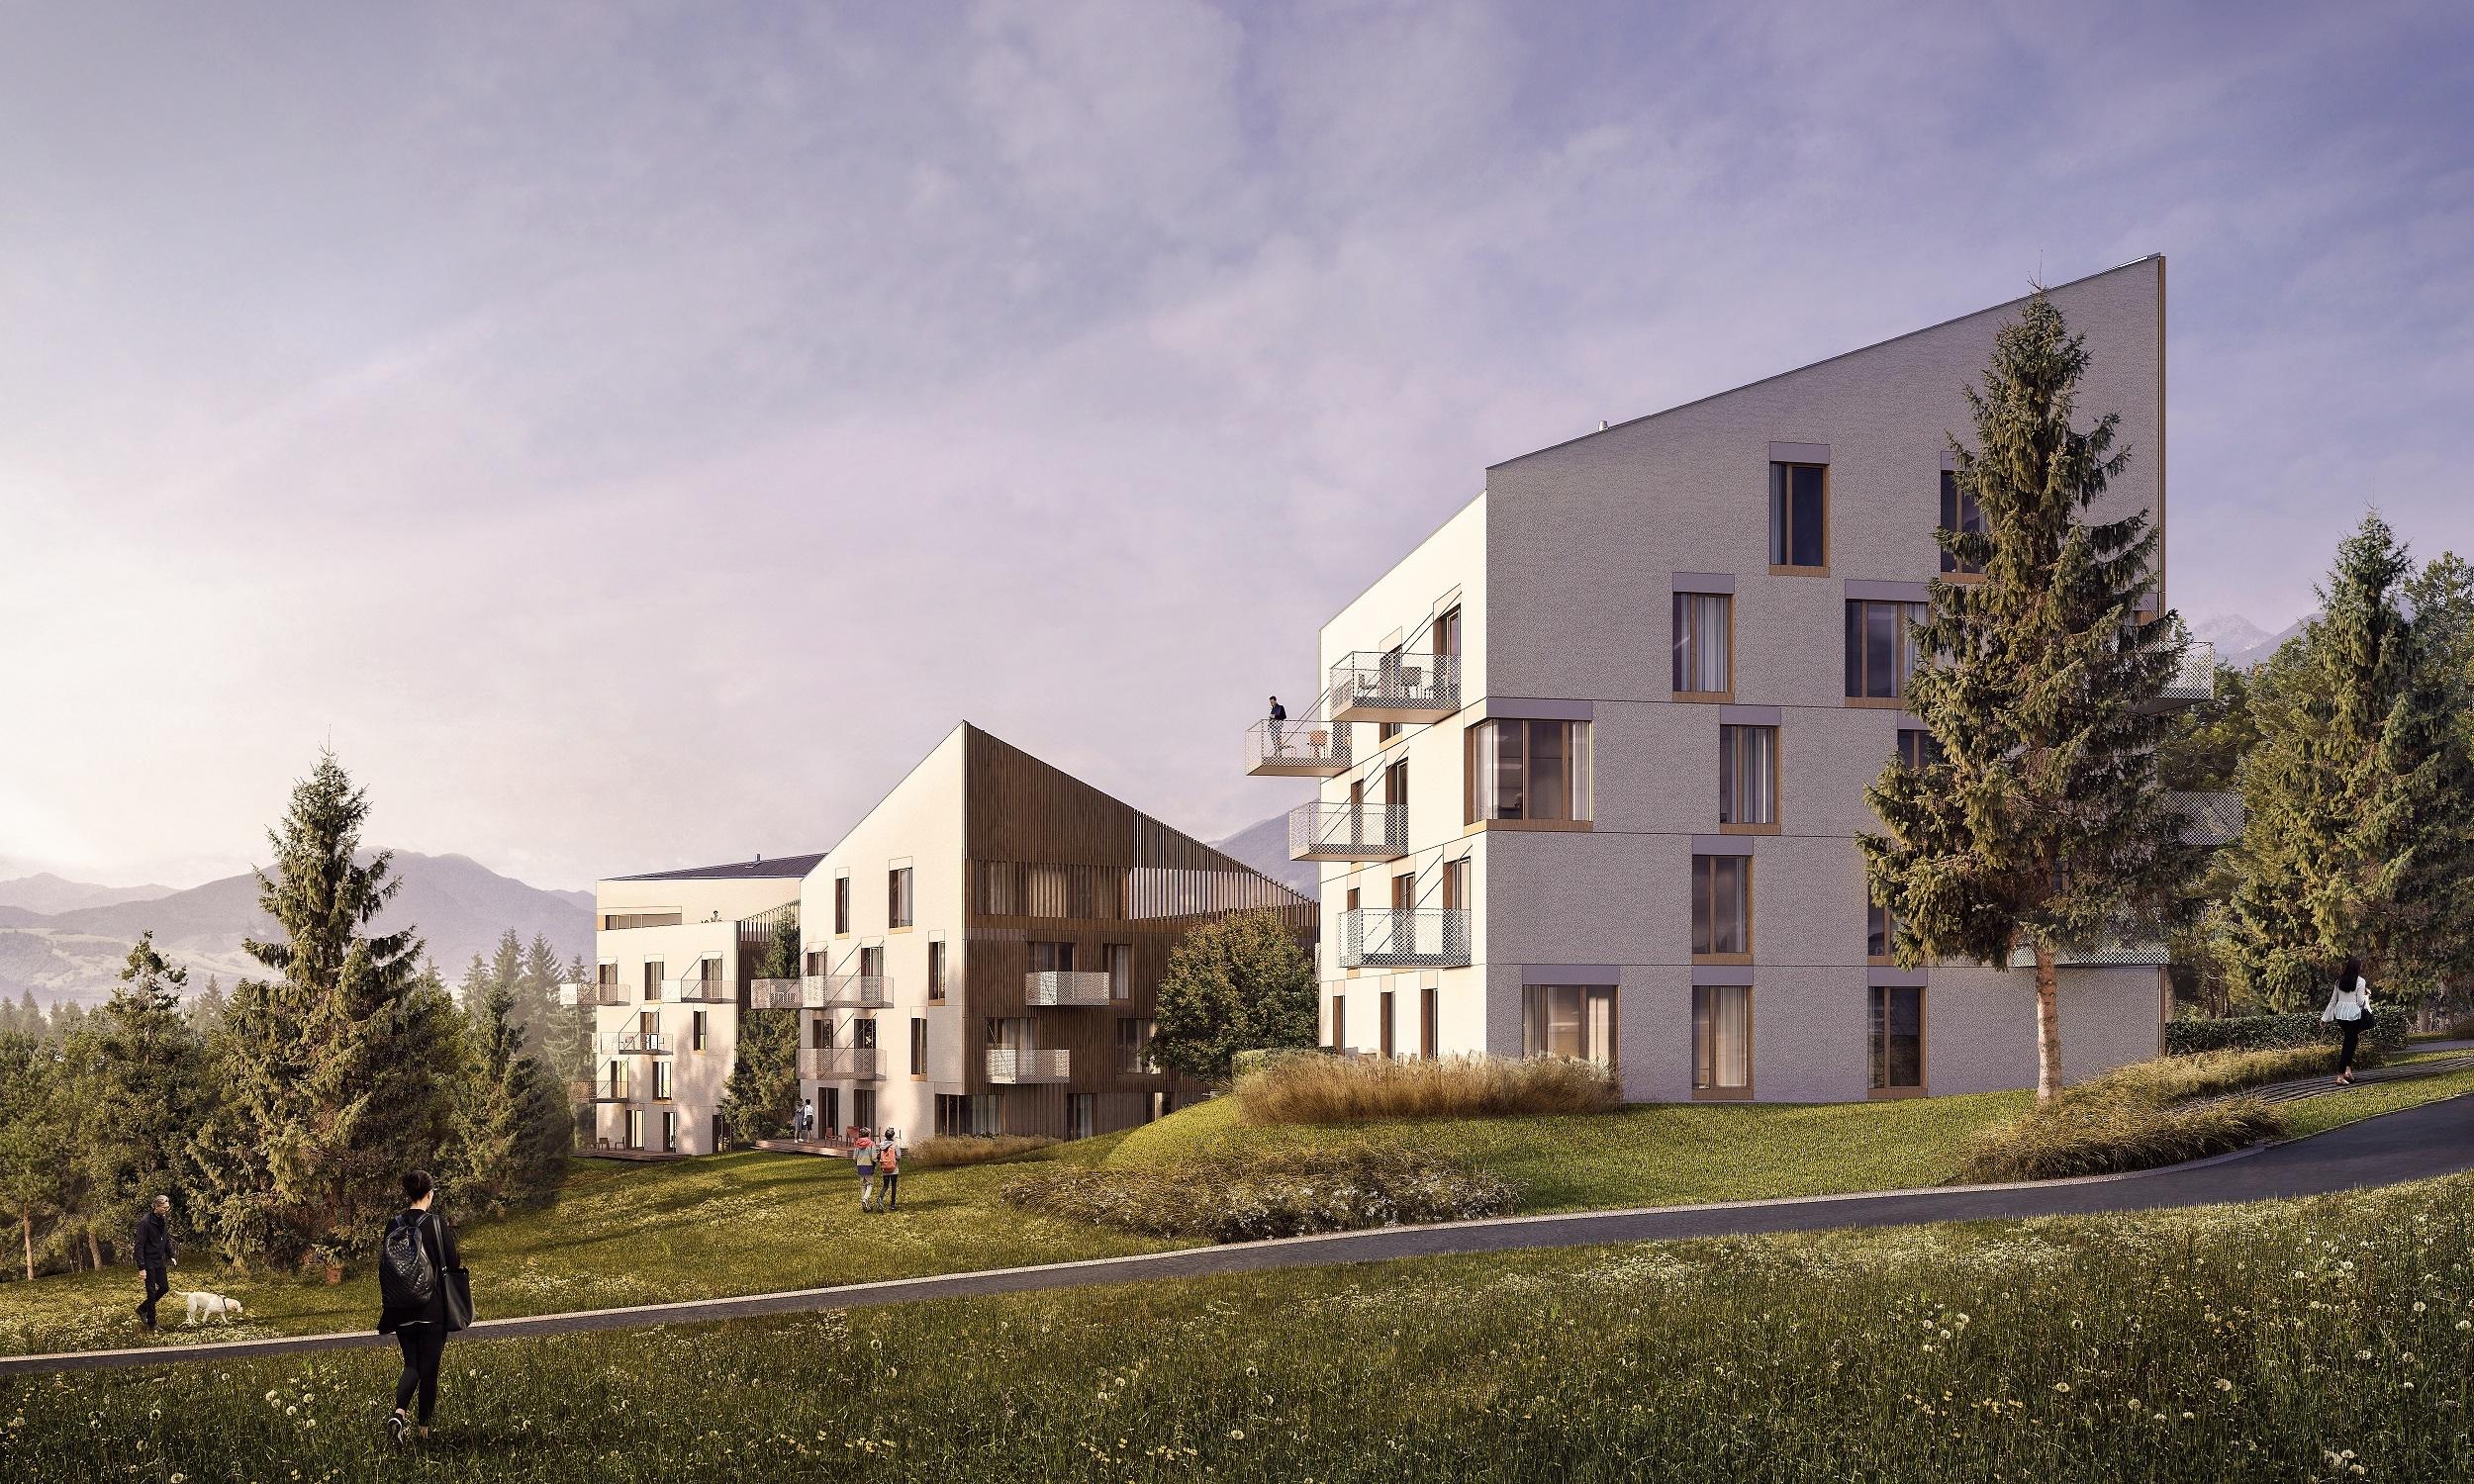 Apartmanovy Dom Hillside Clt Panely Drevostavba Ekologia Viz 05